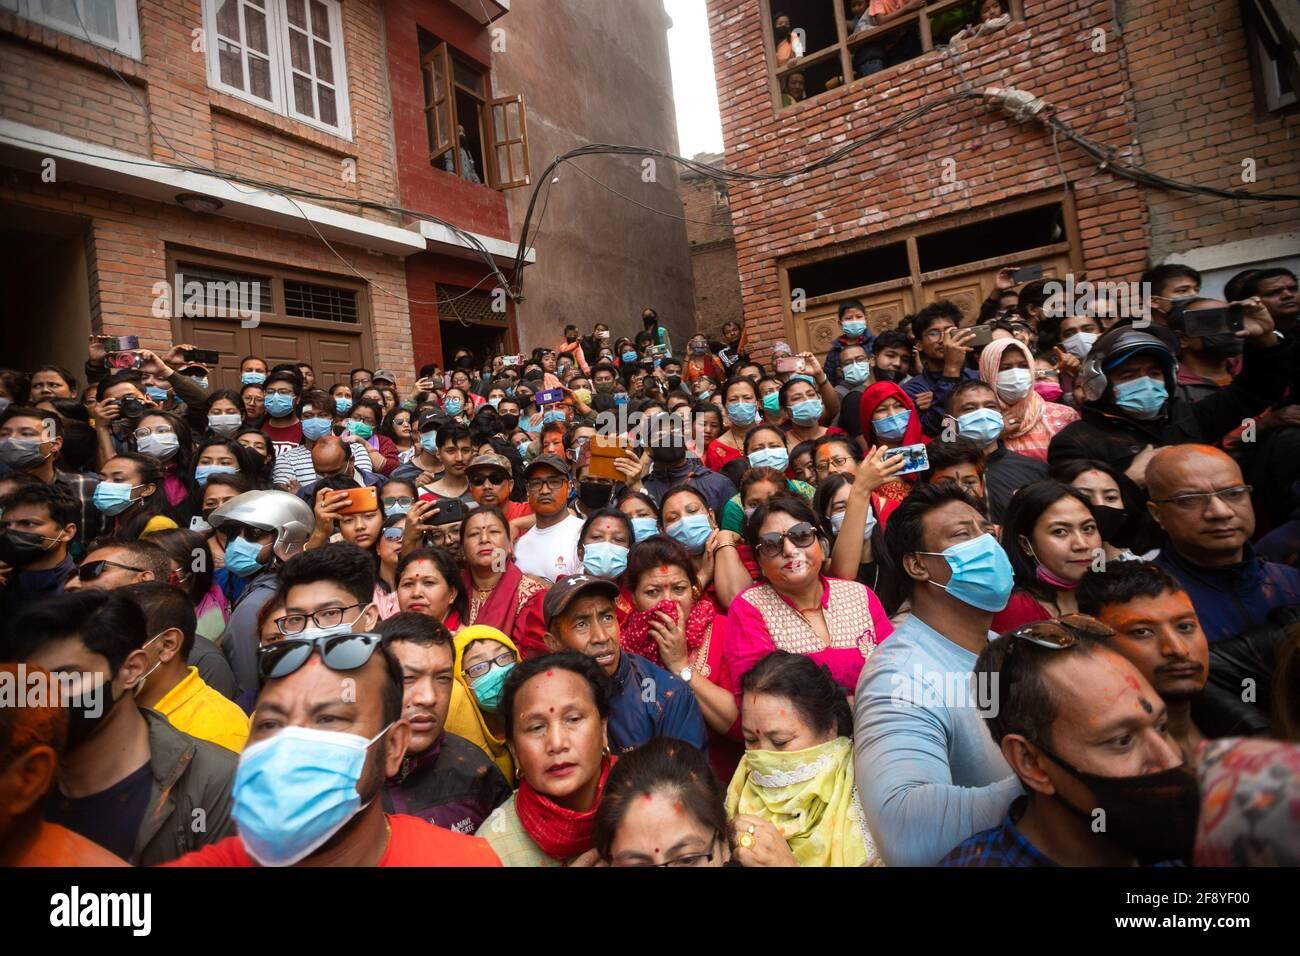 Bhaktapur, Nepal. 15 Aprile 2021. La gente osserva come i devoti celebrano il festival della polvere di vermillion di Jatra. I rivelatori portarono carri degli dei e delle dea indù e si gettarono vermilioni di polvere l'uno sull'altro come parte delle celebrazioni che iniziarono il nuovo anno nepalese. Credit: SOPA Images Limited/Alamy Live News Foto Stock